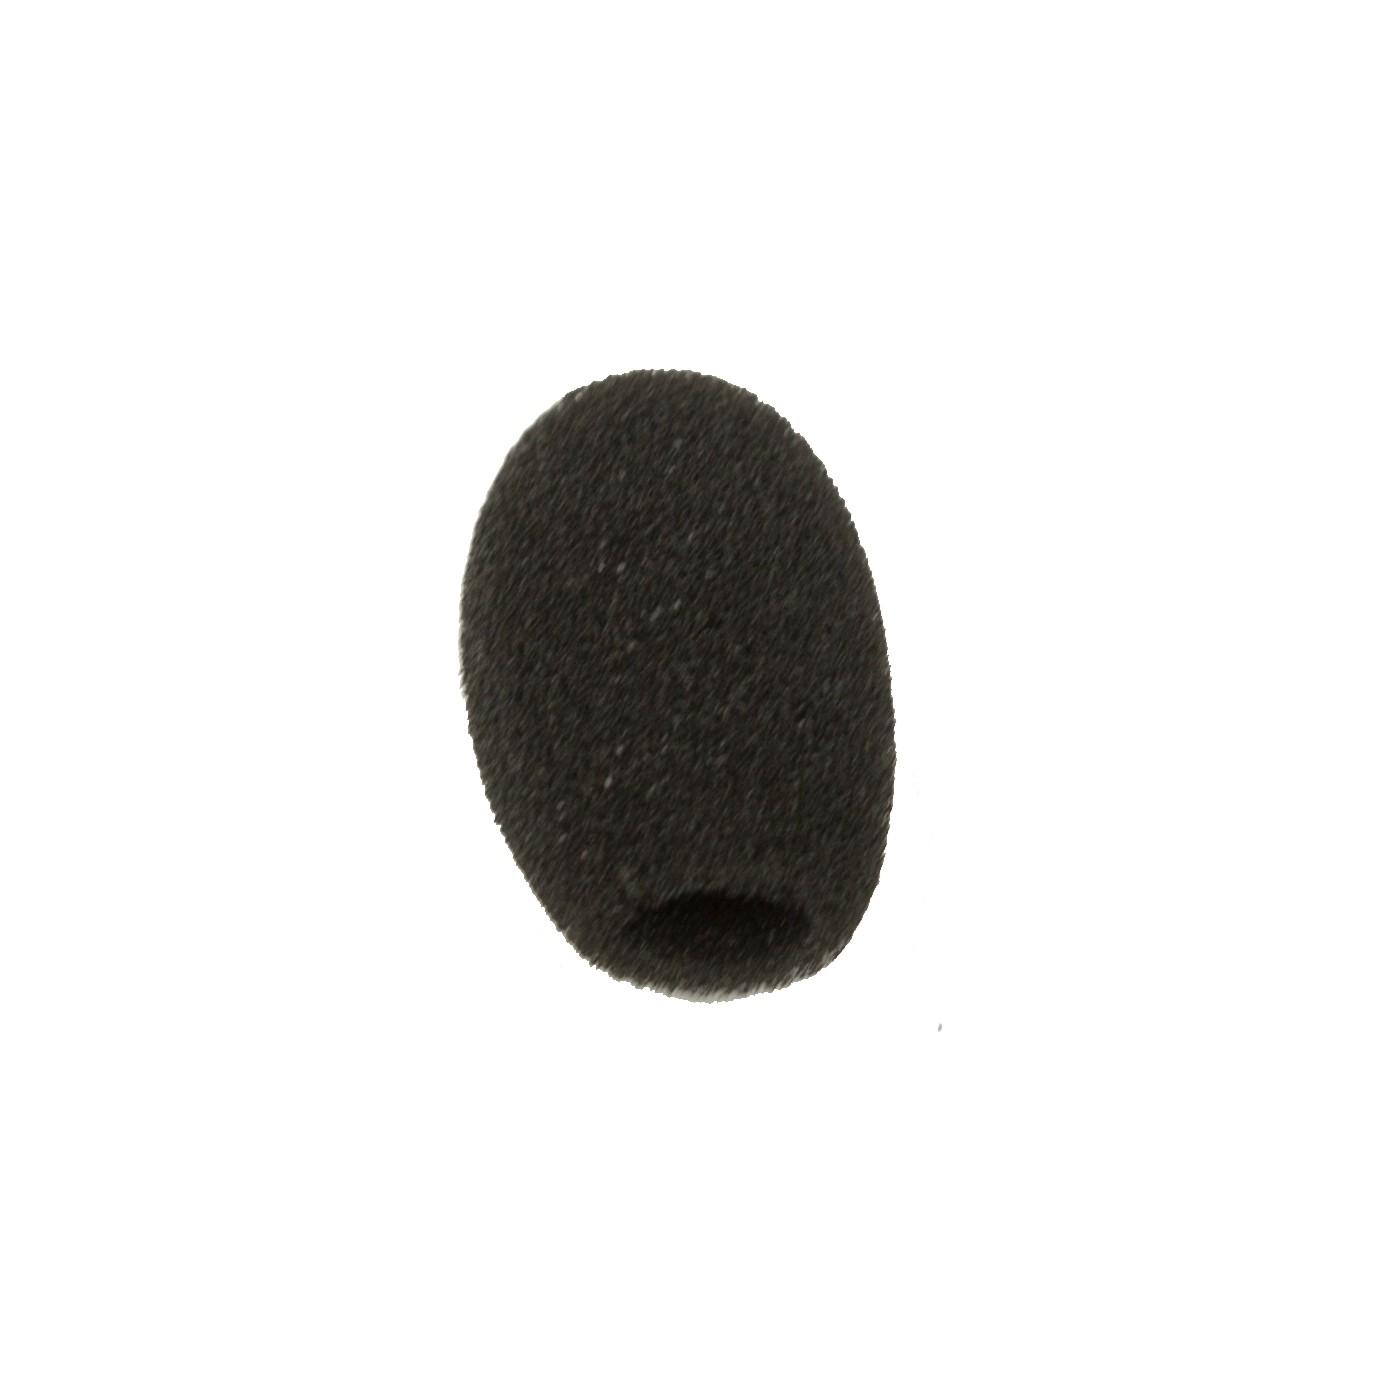 Jabra GN2200 Spare Foam Microphone Cover